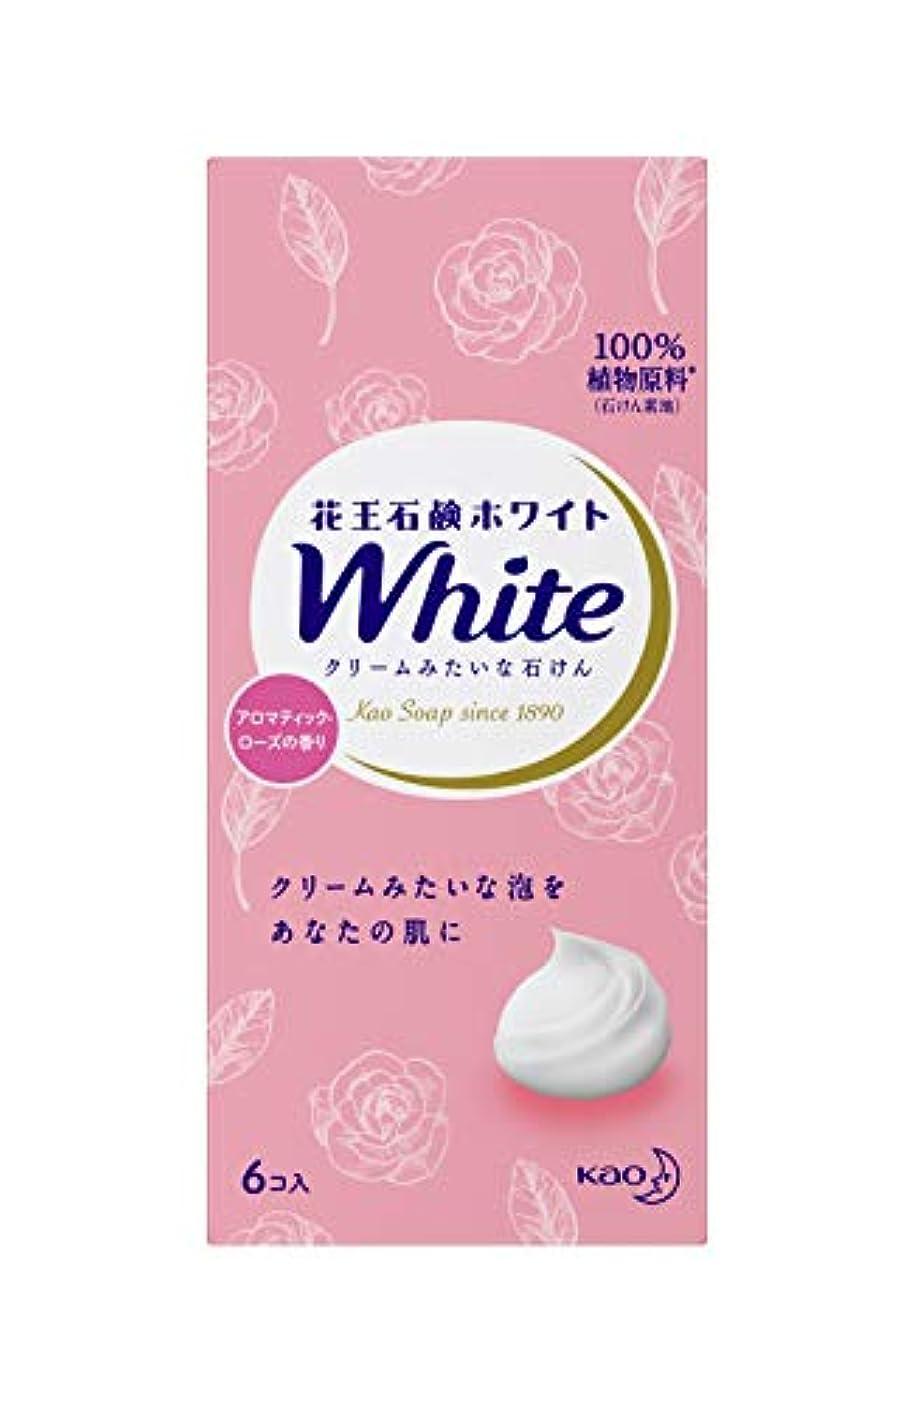 下位構成員さておき花王ホワイト アロマティックローズの香り 普通サイズ 6コパック